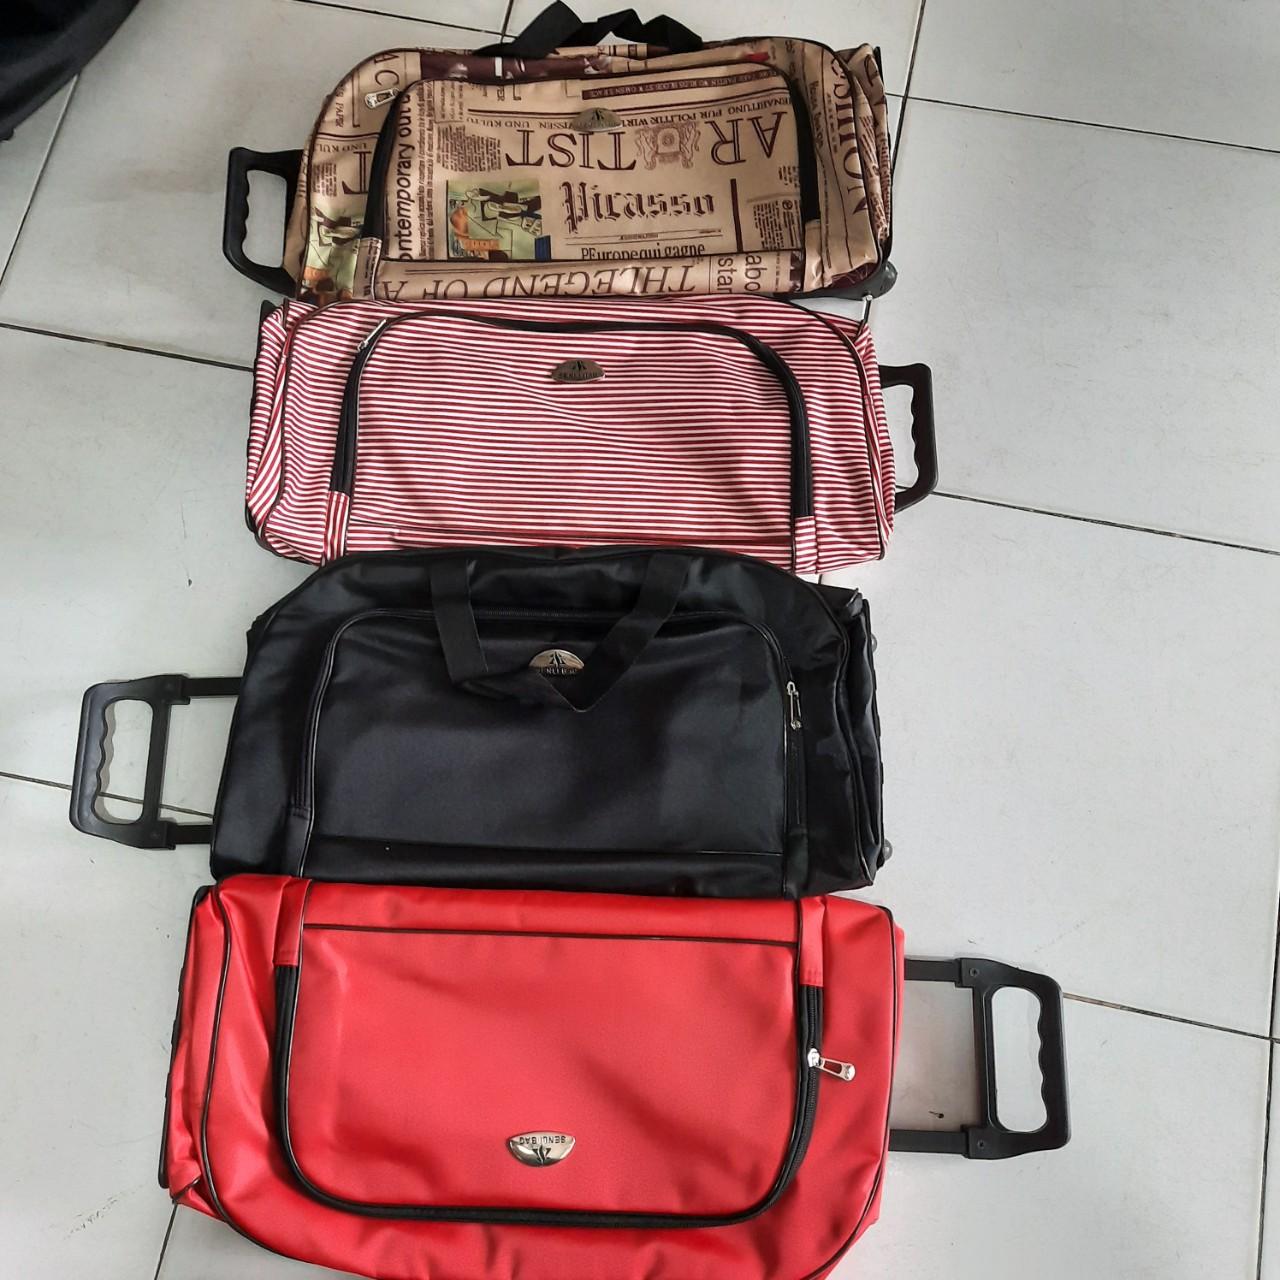 Túi xách du lịch cần kéo Melody cỡ trung size 20 inch thời trang Shalla (Túi xách du lịch cần kéo 20 inch giá si)